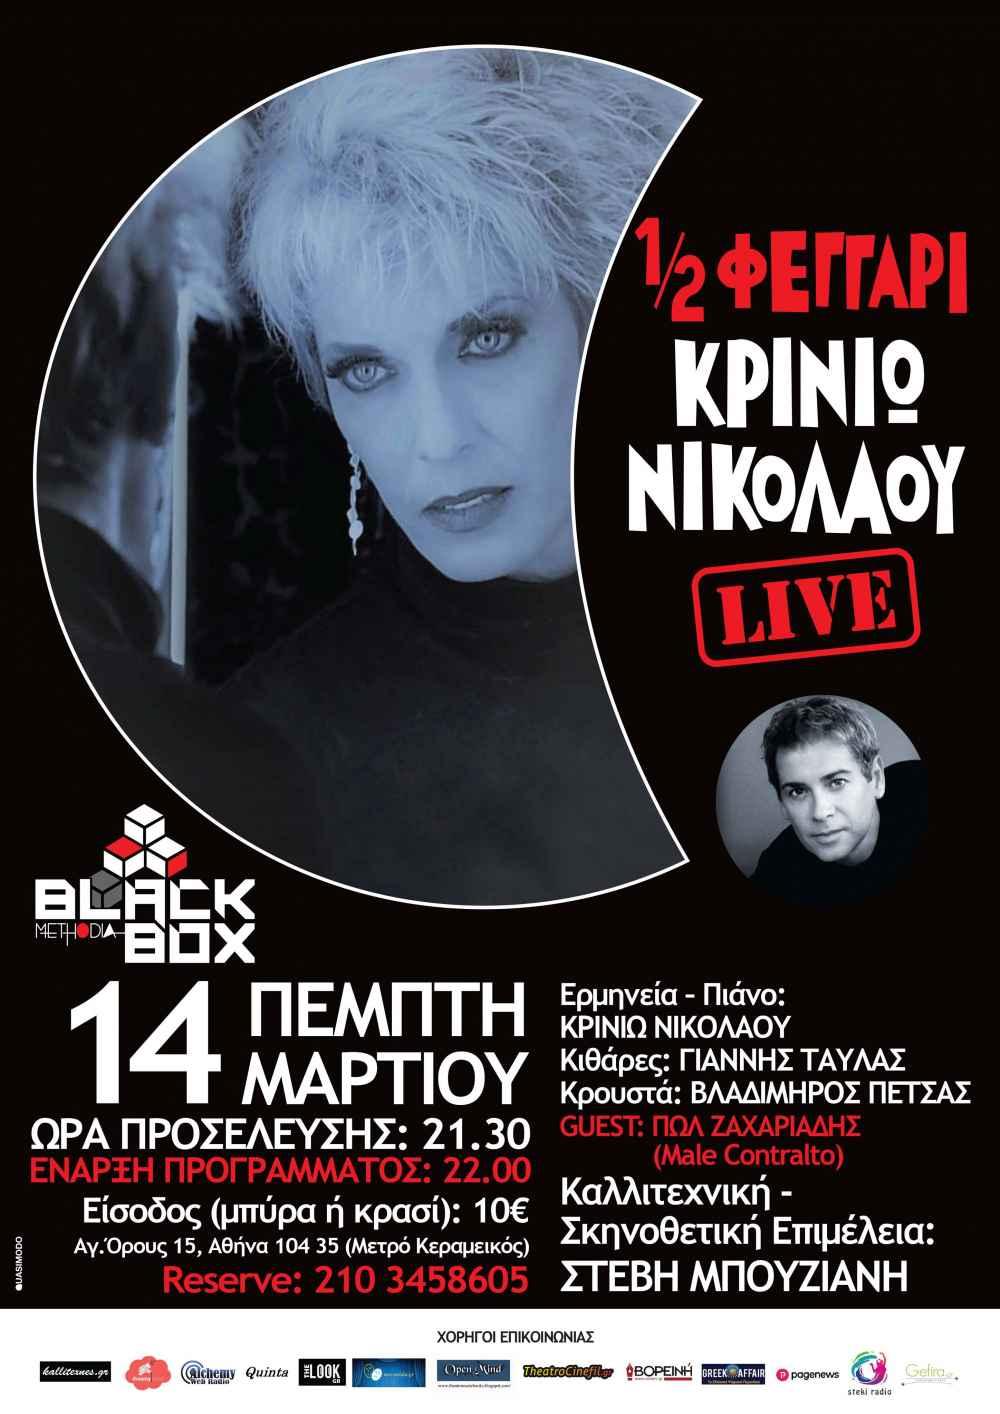 , Διαγωνισμός: Κερδίστε 2 διπλές προσκλήσεις για την μουσική παράσταση «Mισό(½) Φεγγάρι» της Κρινιώς Νικολάου Acoustic & unplugged στο Black Box Methodia την Πέμπτη 14 Μαρτίου 21.30